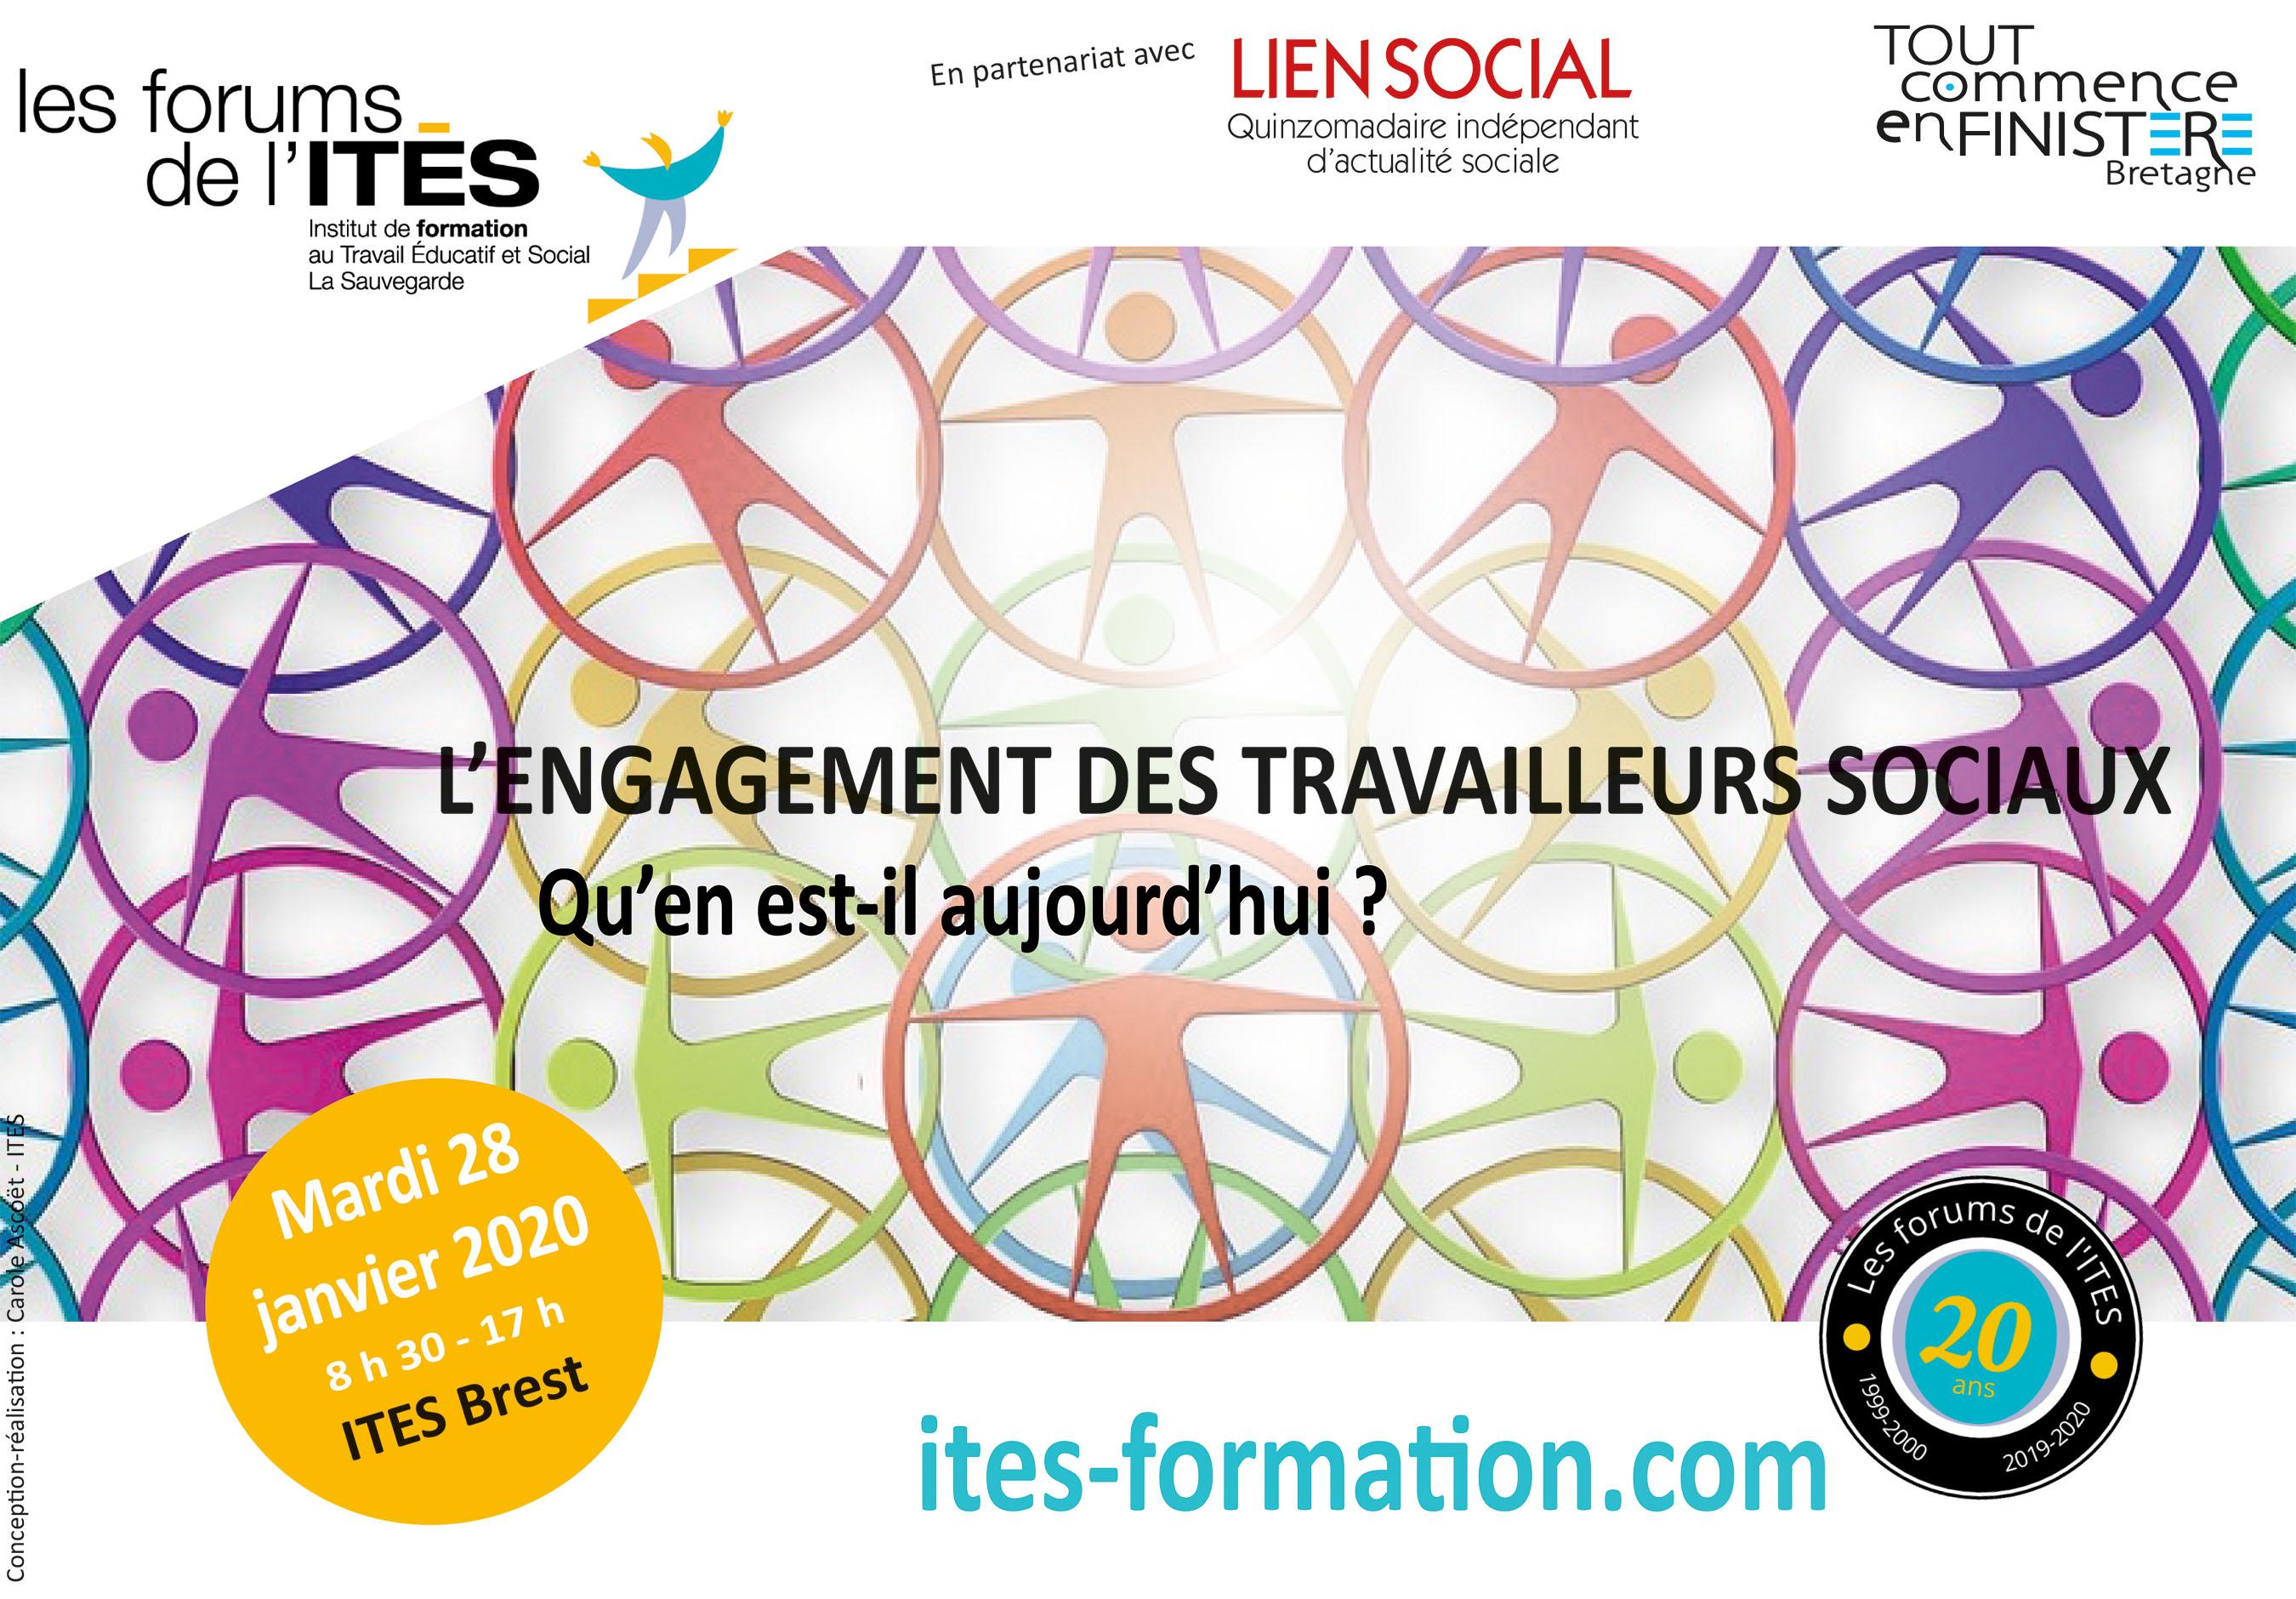 28/01/2020 - Brest - L'engagement des travailleurs sociaux : Qu'en est-il aujourd'hui?